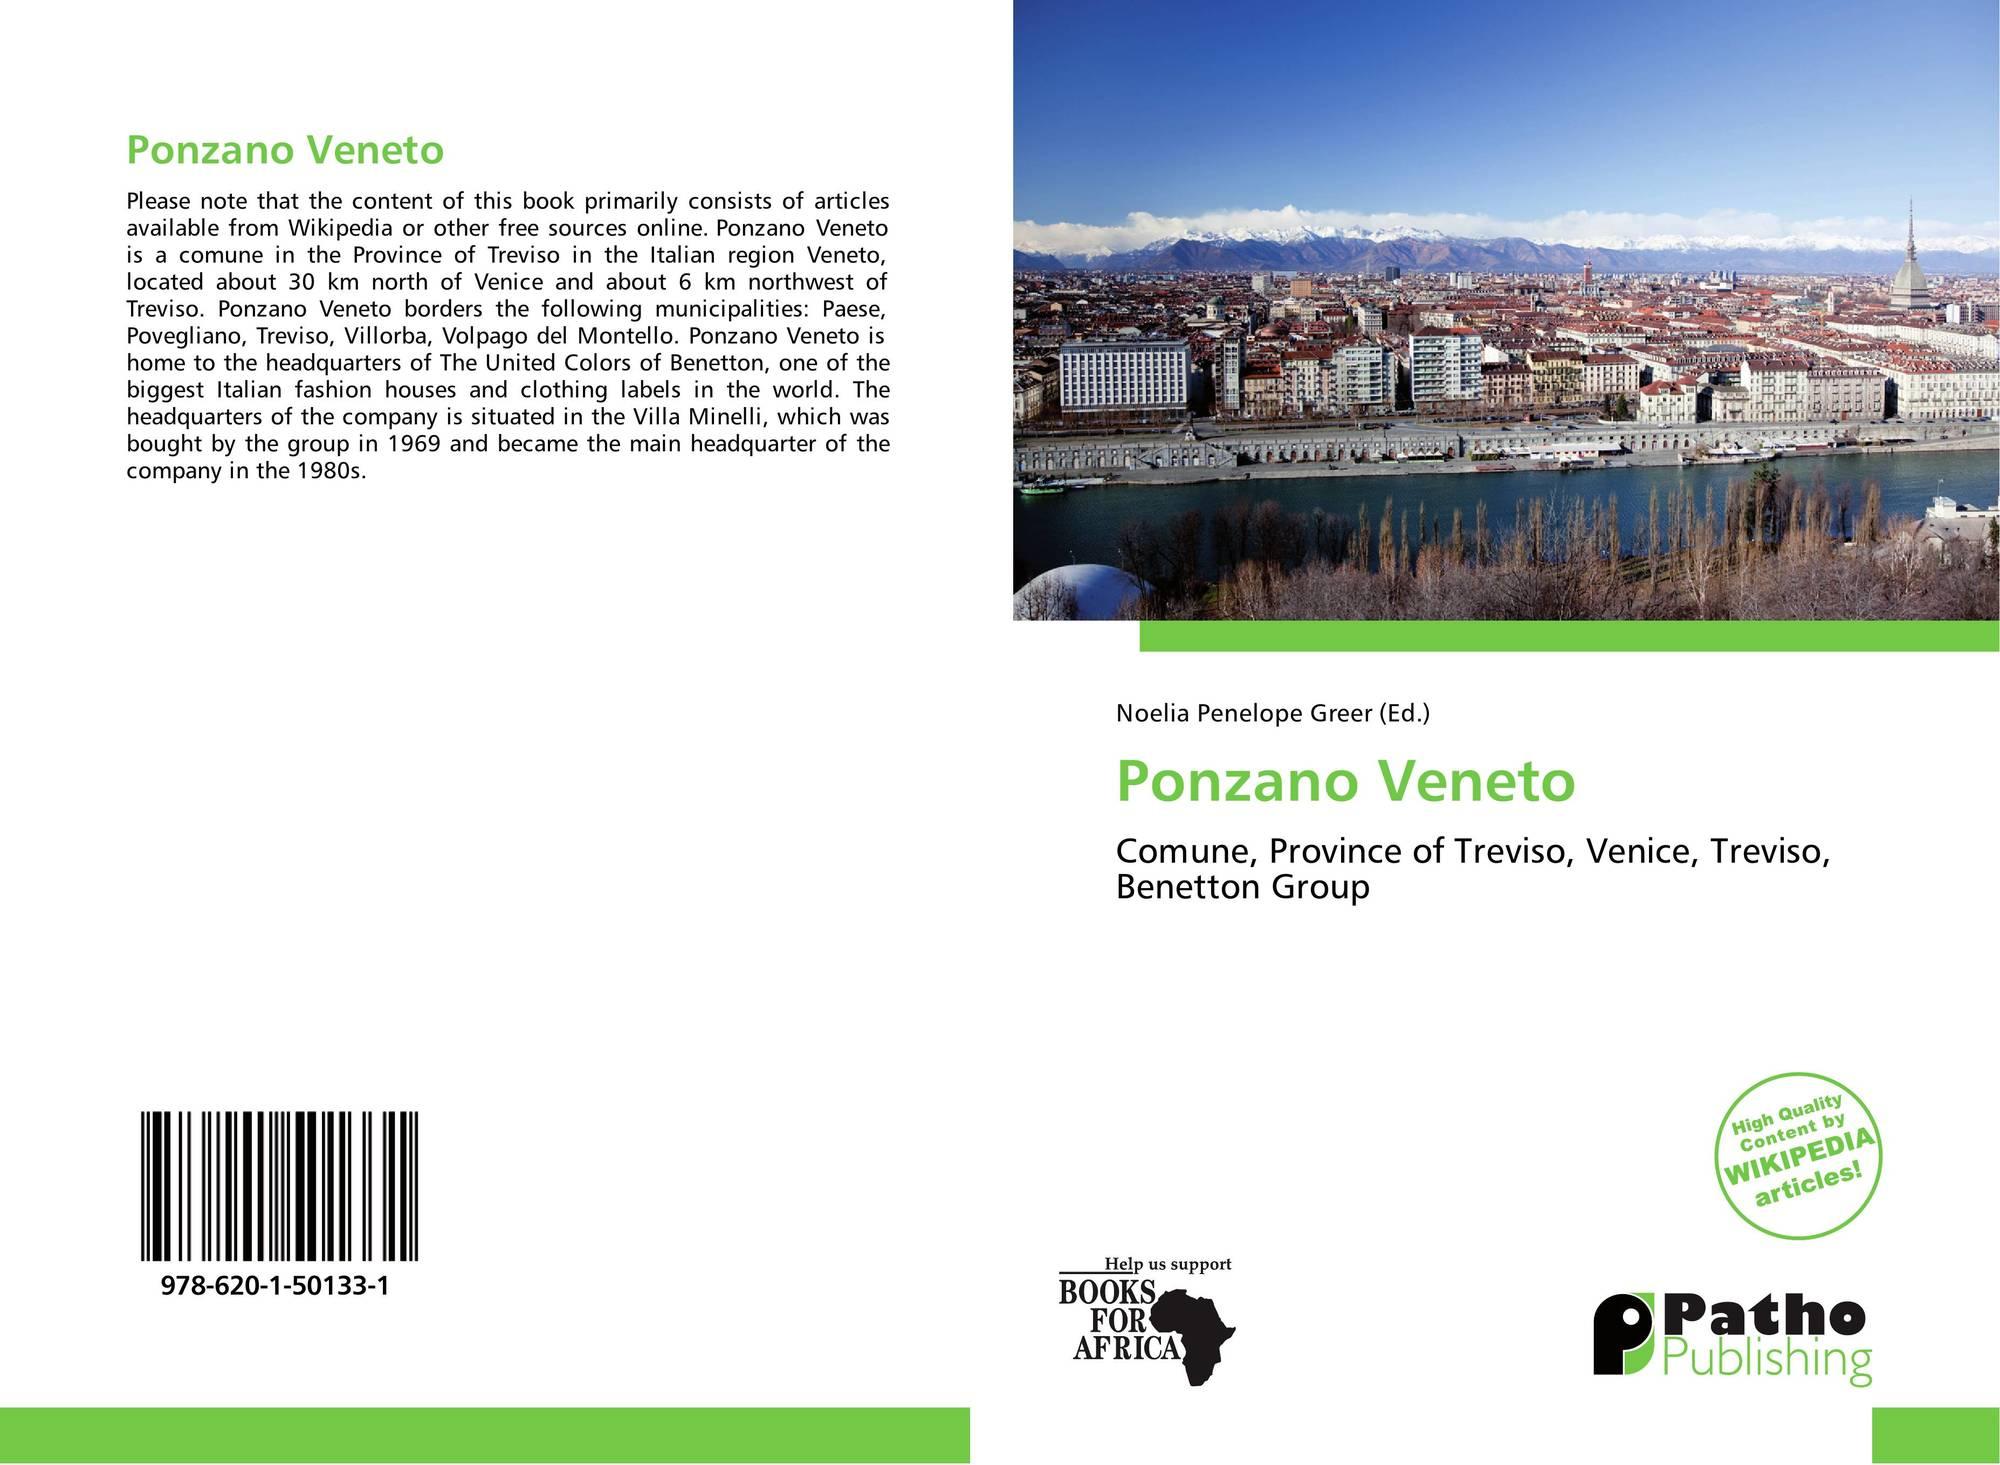 Comune Di Ponzano Veneto ponzano veneto, 978-620-1-50133-1, 6201501339 ,9786201501331